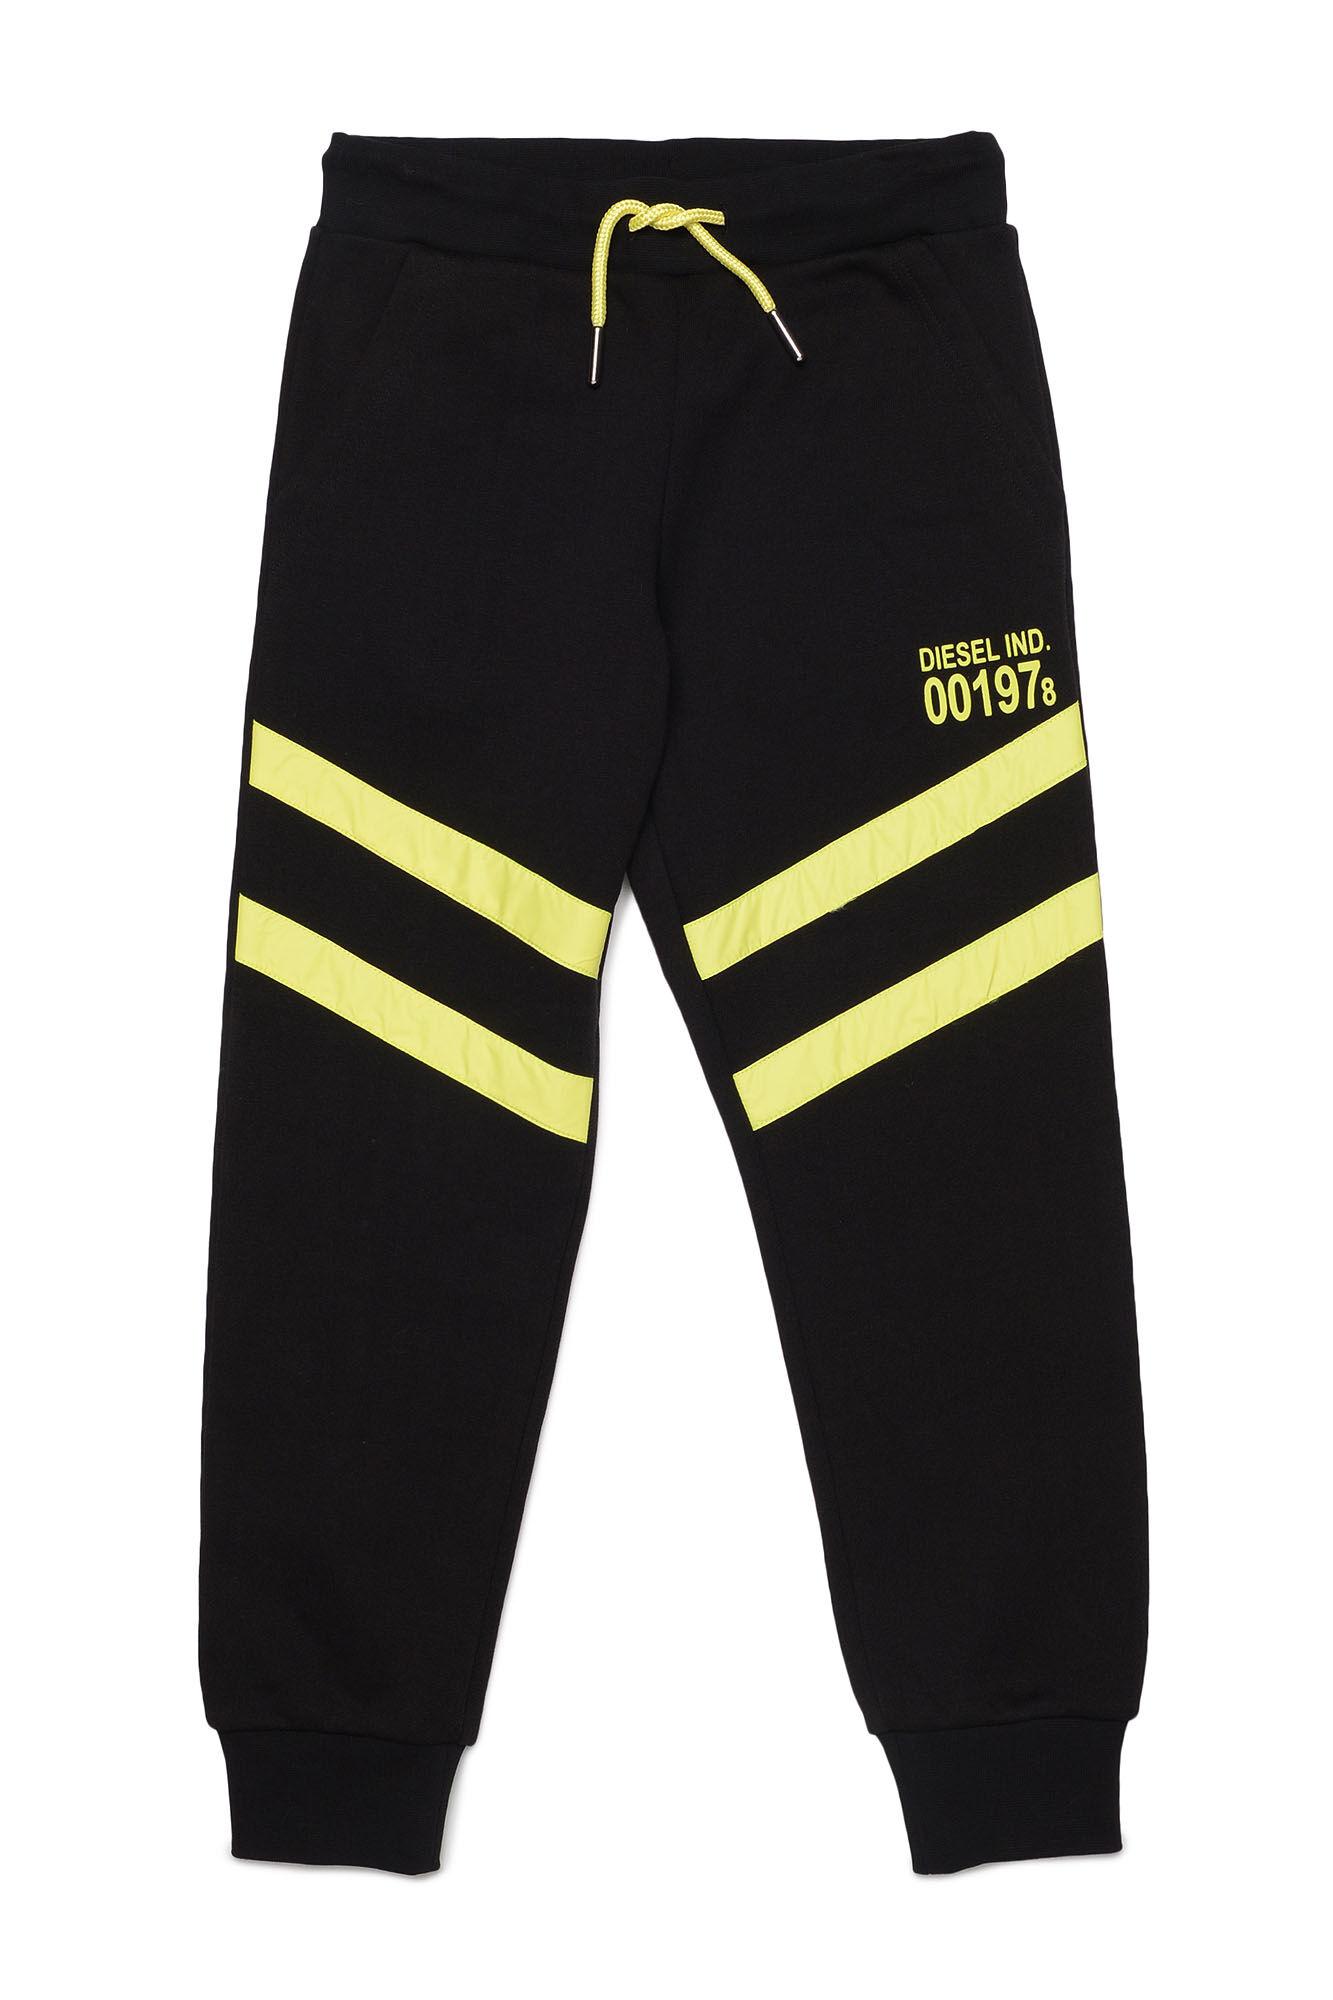 Plony-Ski Pants - Diesel Kid